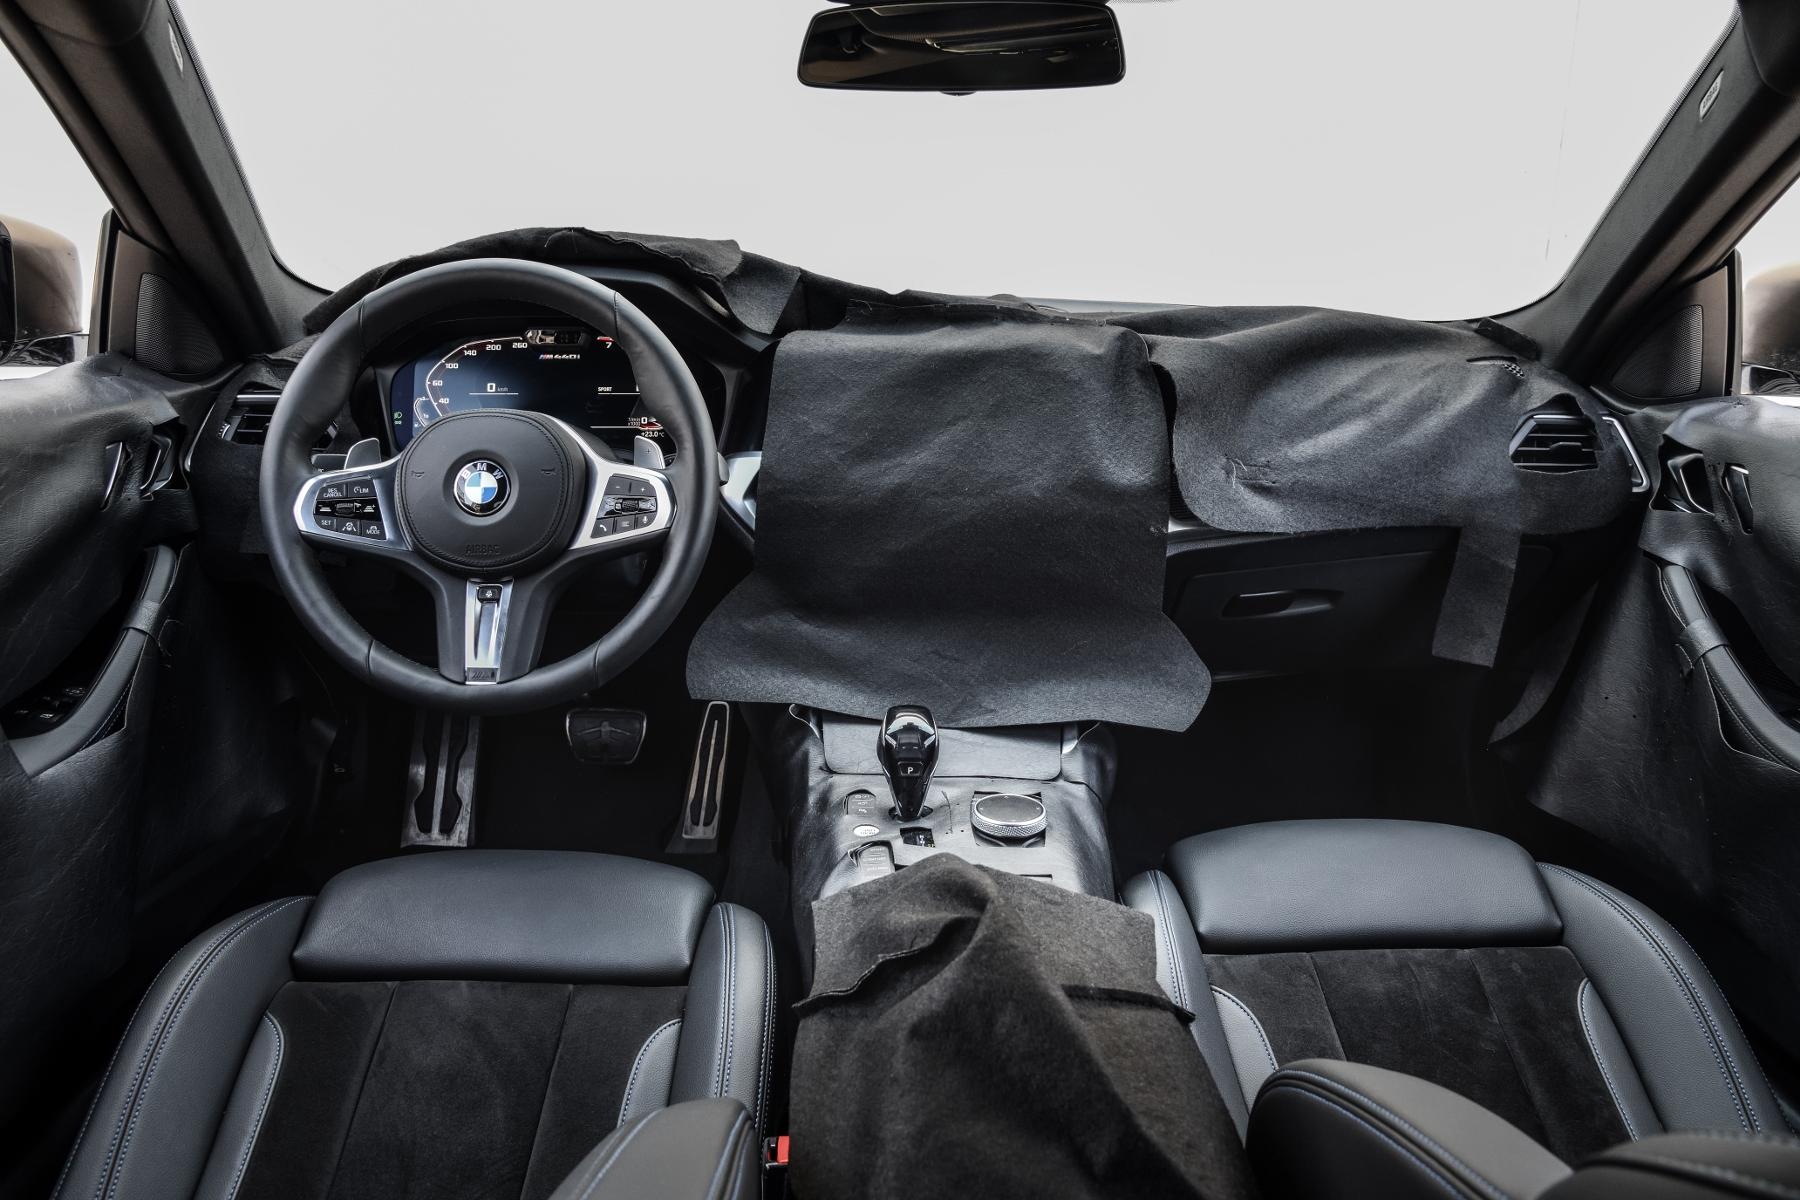 Nové BMW radu 4 Coupé dostane športovejší podvozok 05iJLvjNYF bmw-4-coupe-24